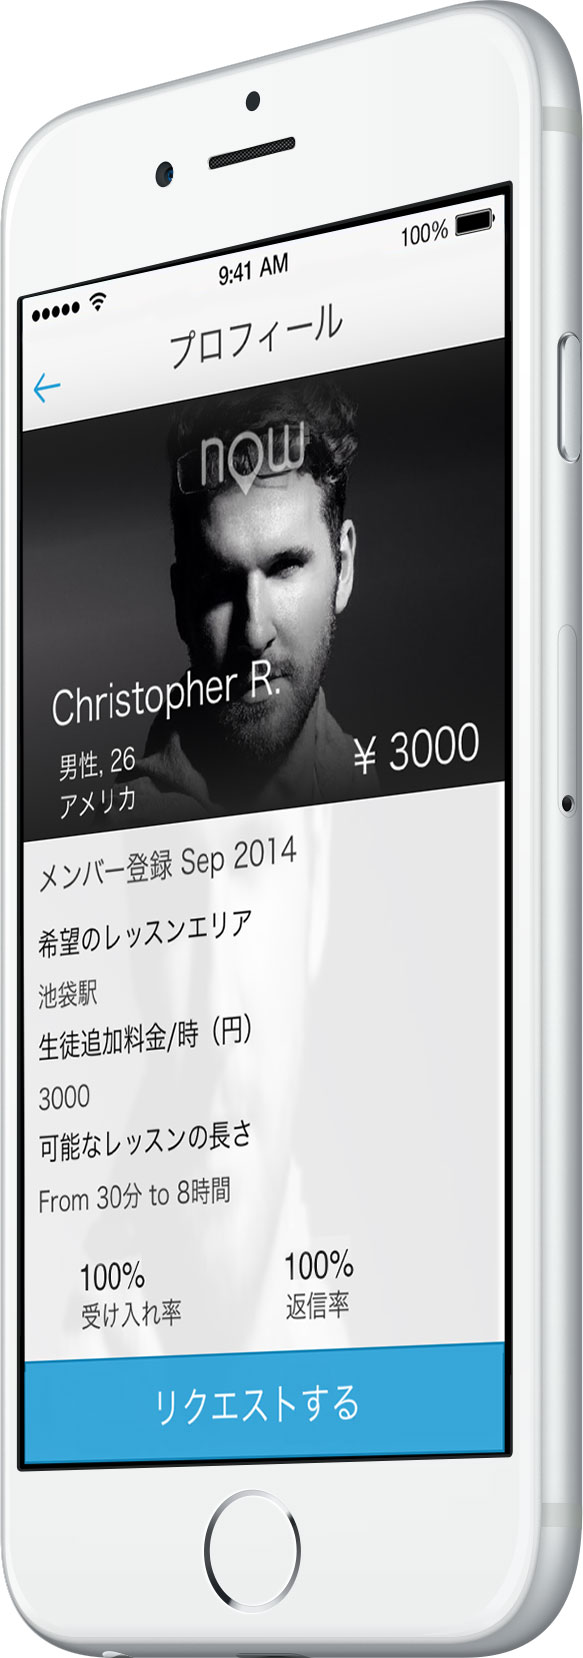 teacher_Christopher_side.jpg